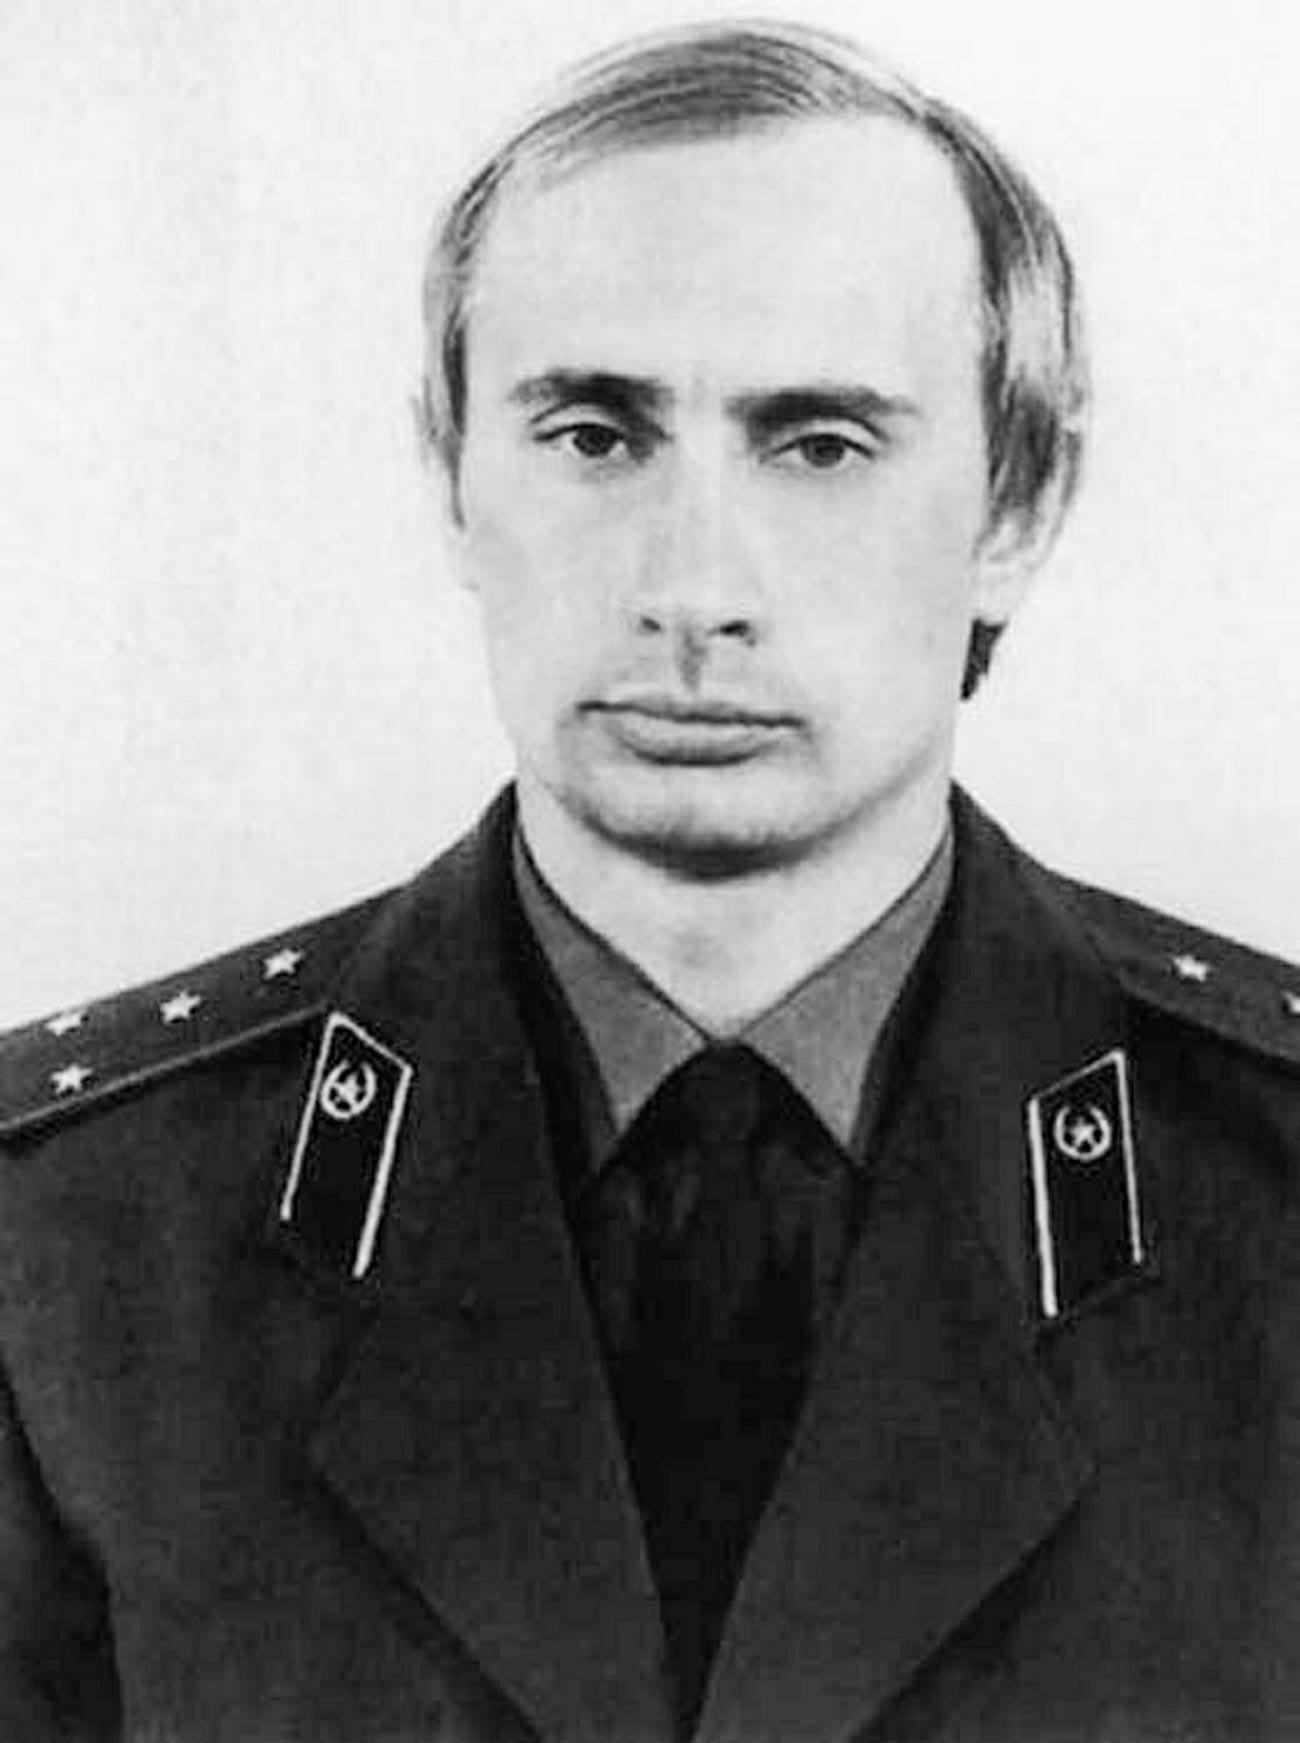 Mladi Vladimir Putin v uniformi KGB